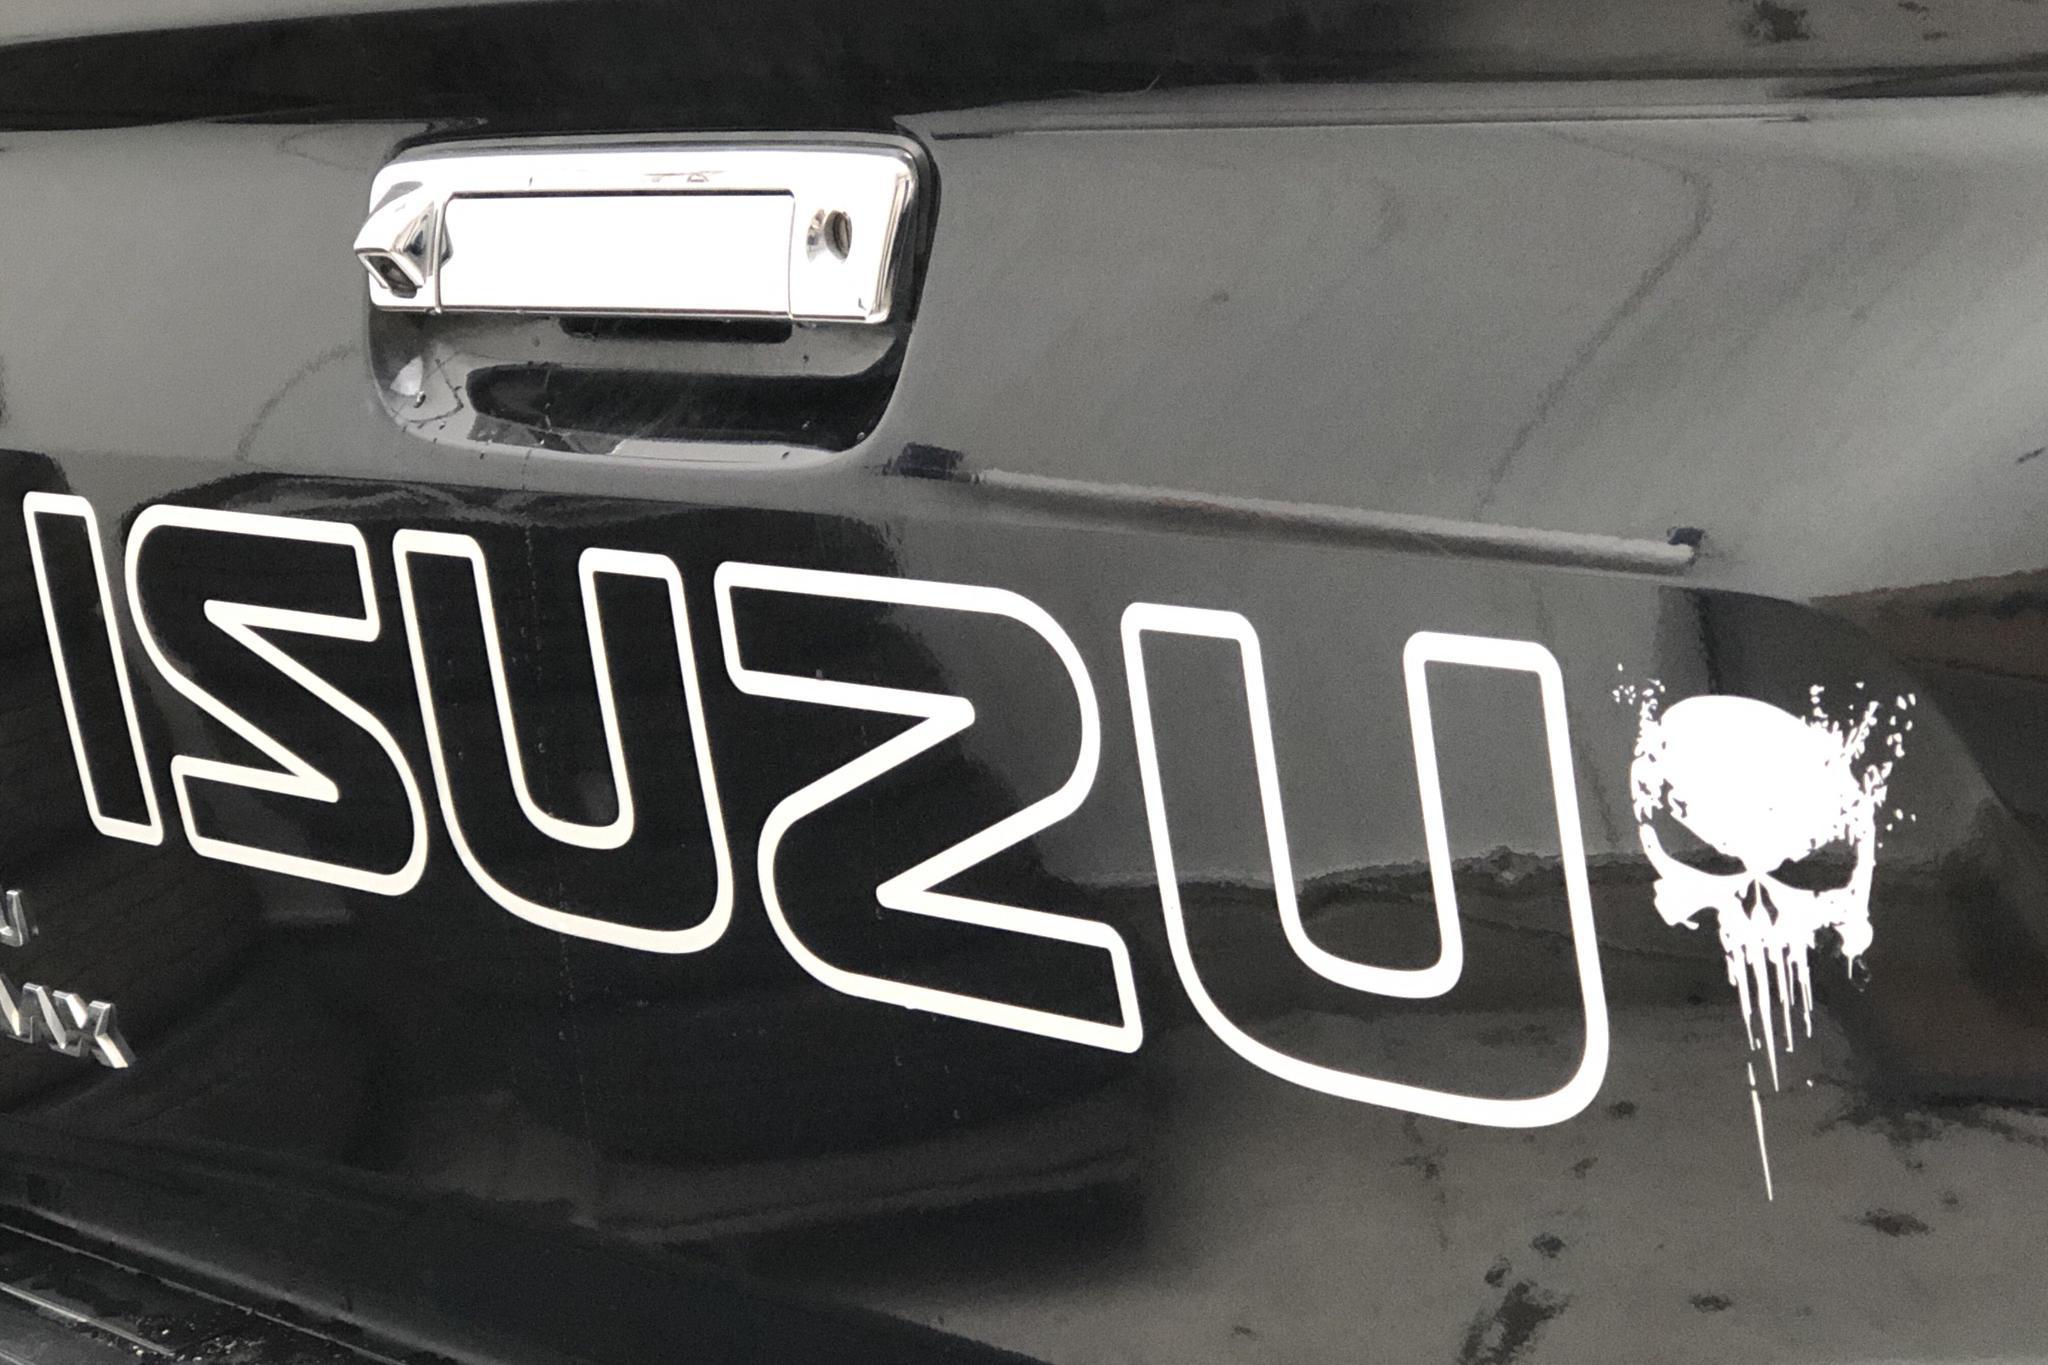 Isuzu D-MAX 1.9 DDI 4WD (163hk) - 8 117 mil - Automat - svart - 2018